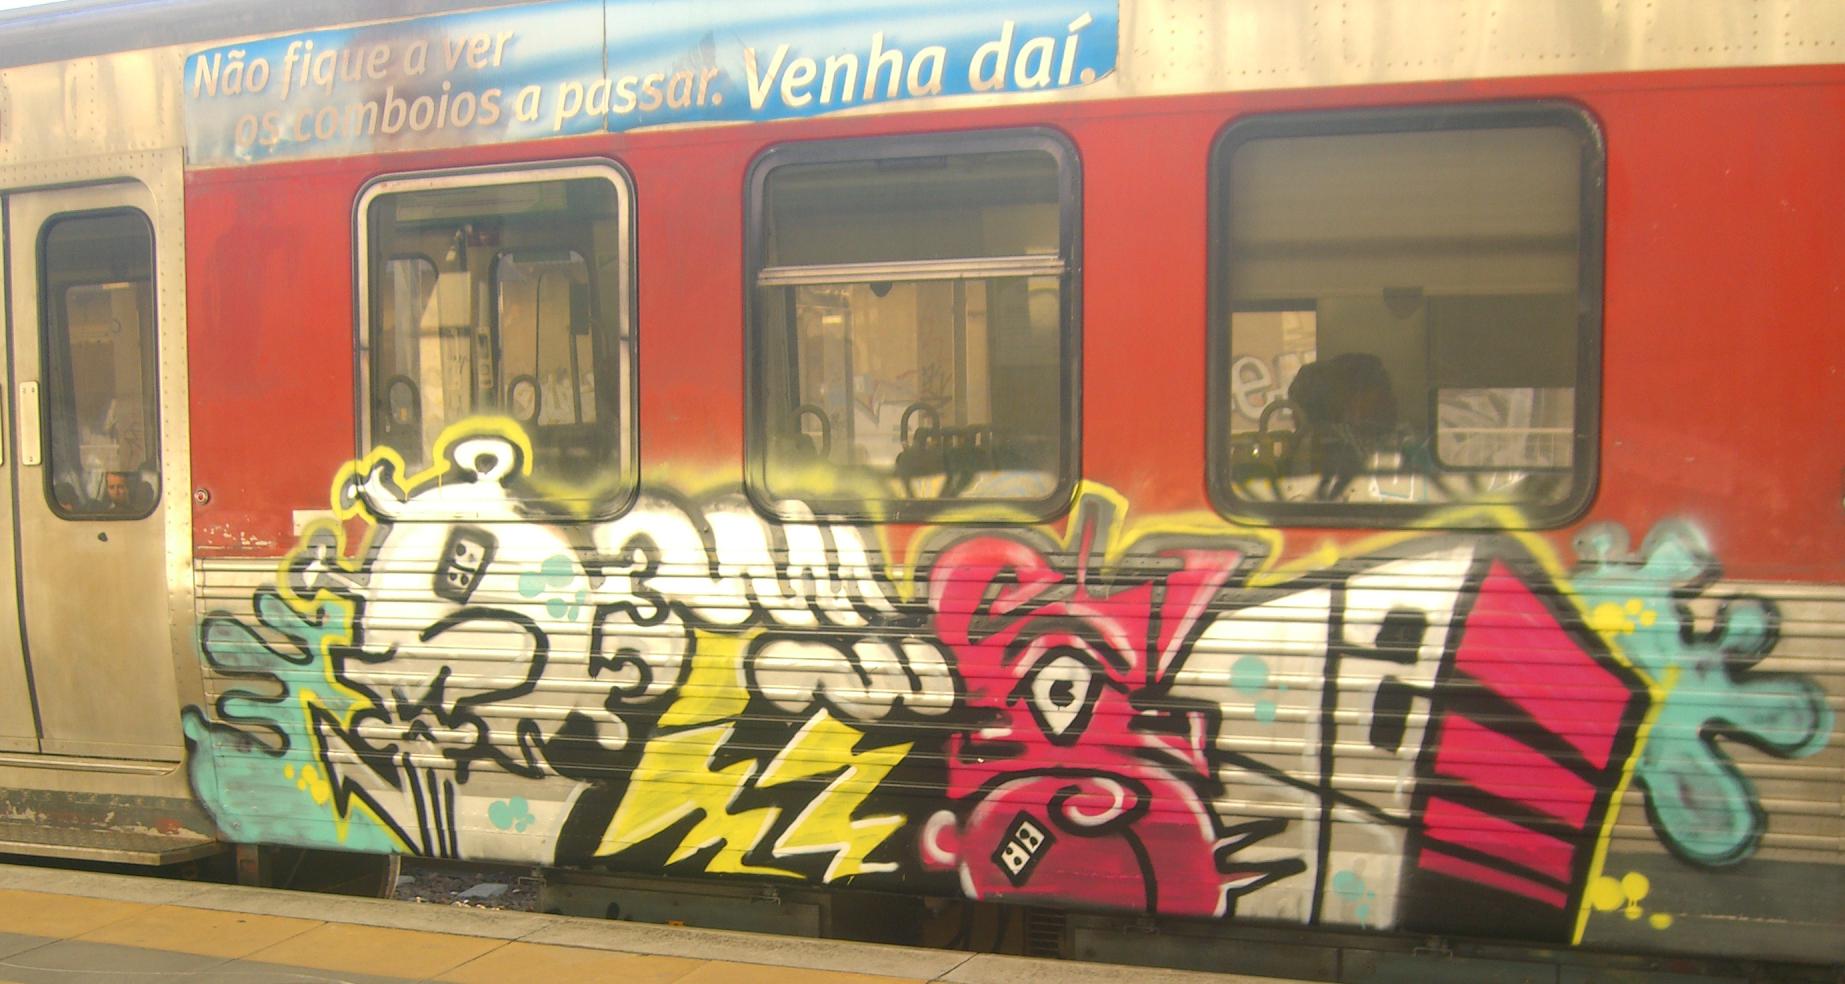 Graffiti_-_European_train